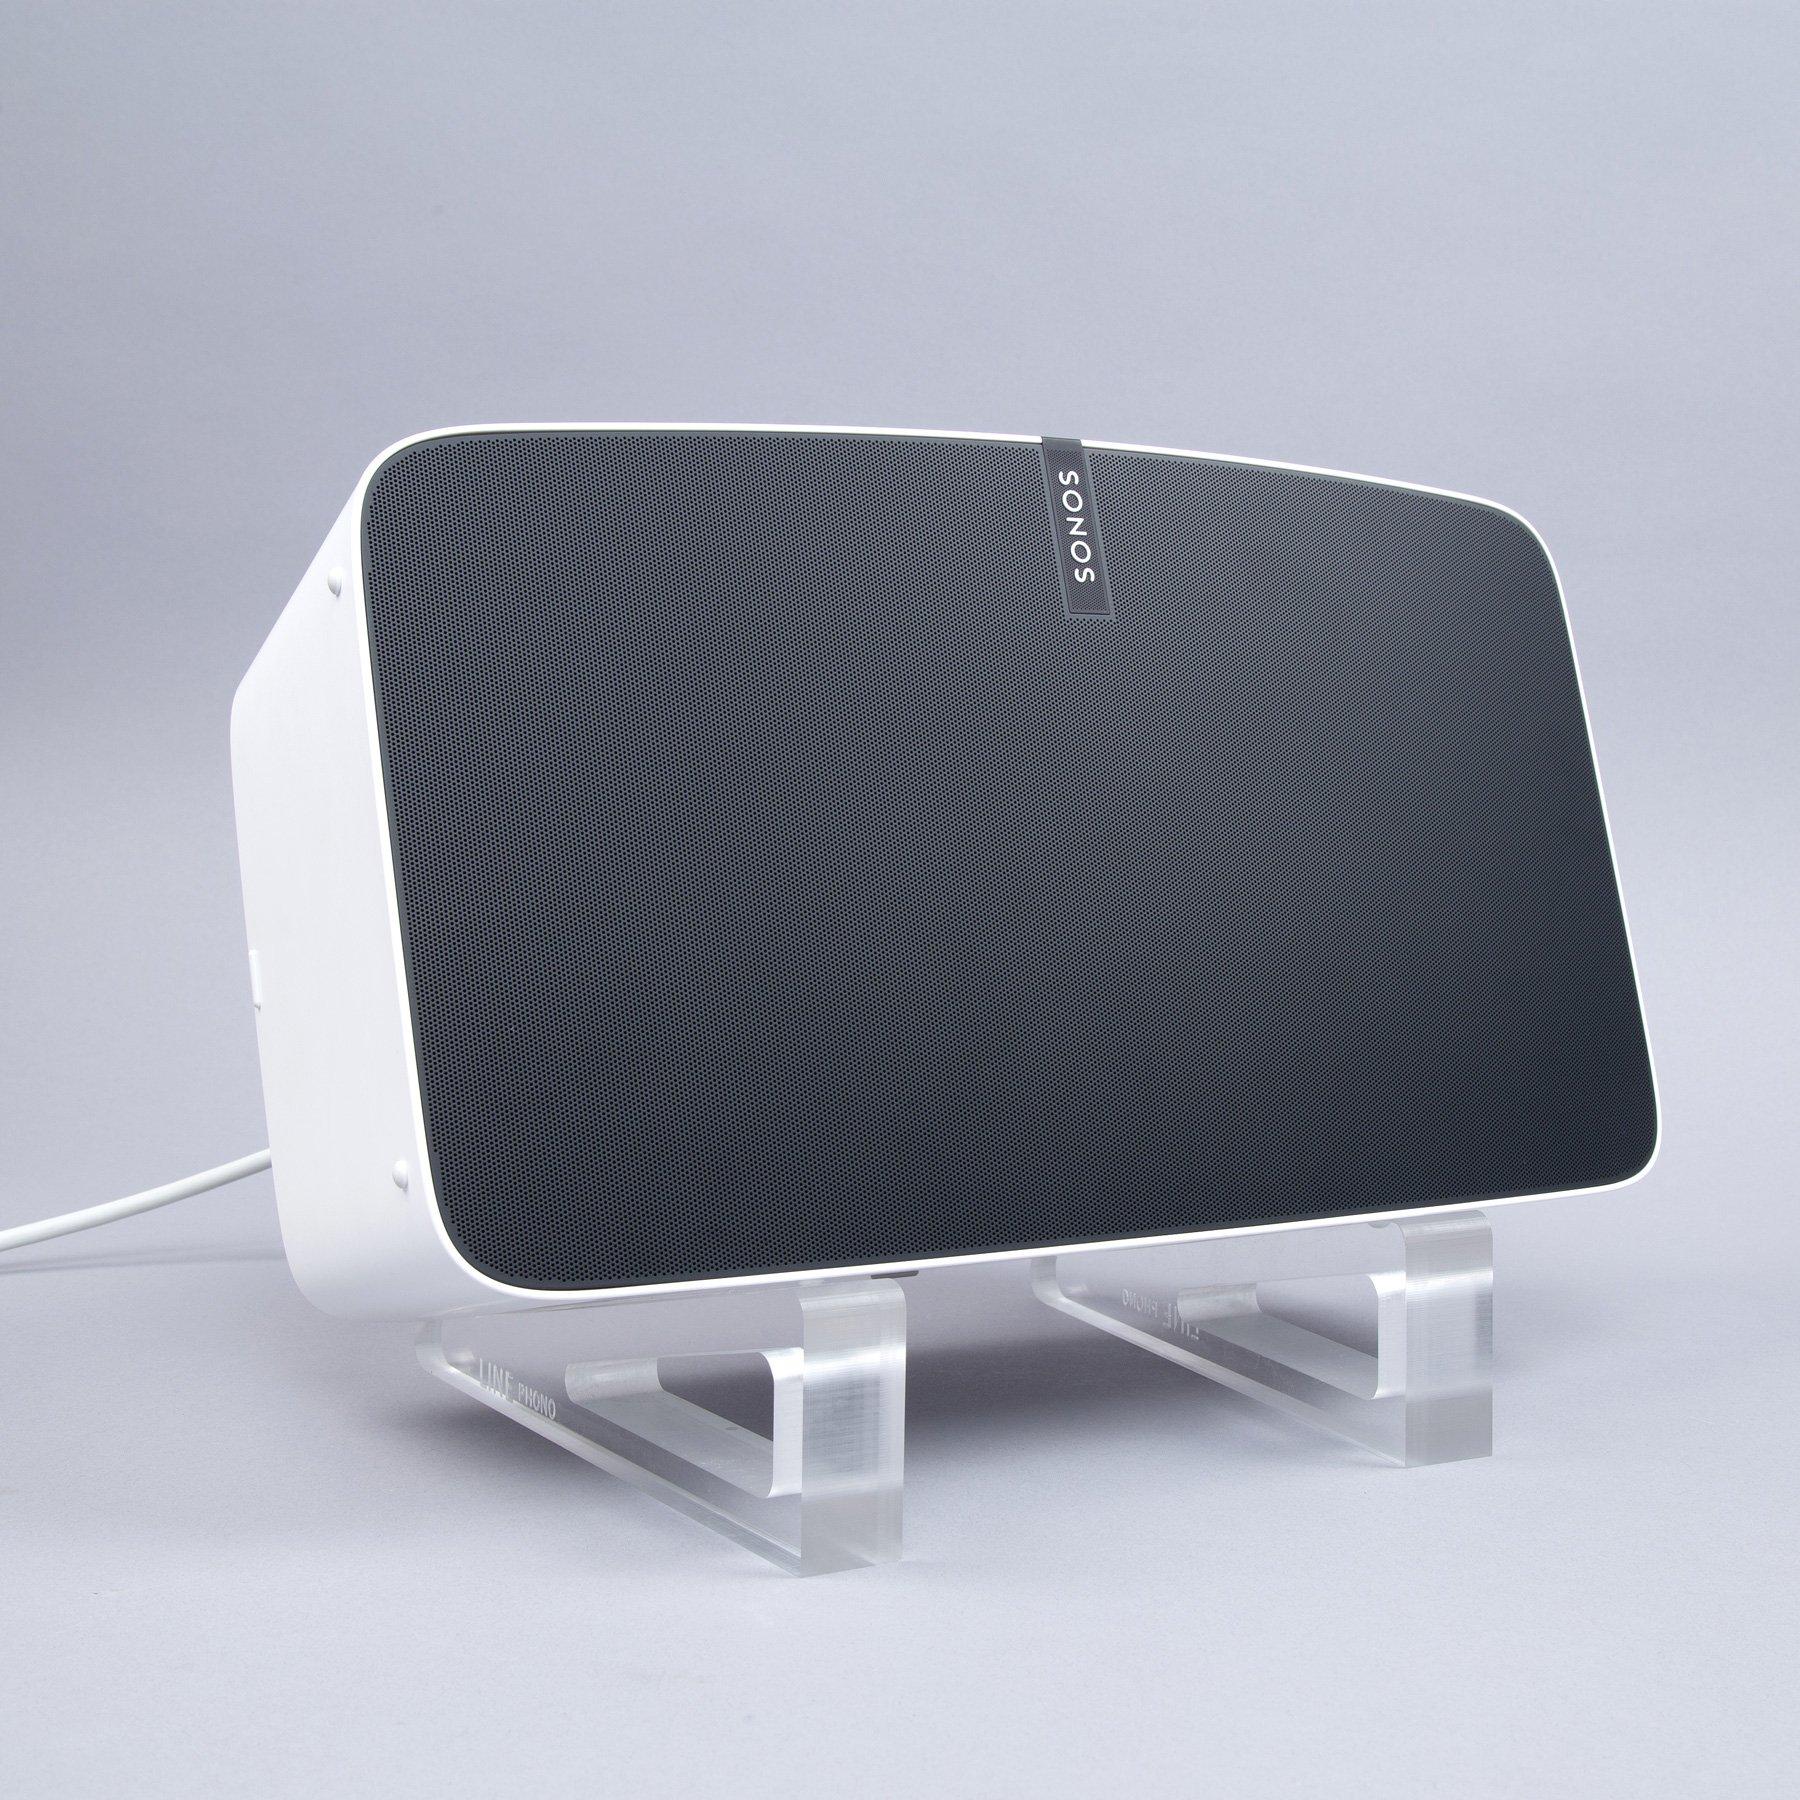 Line Phono: Acrylic Speaker Angler Stands - Single for (1) Speaker